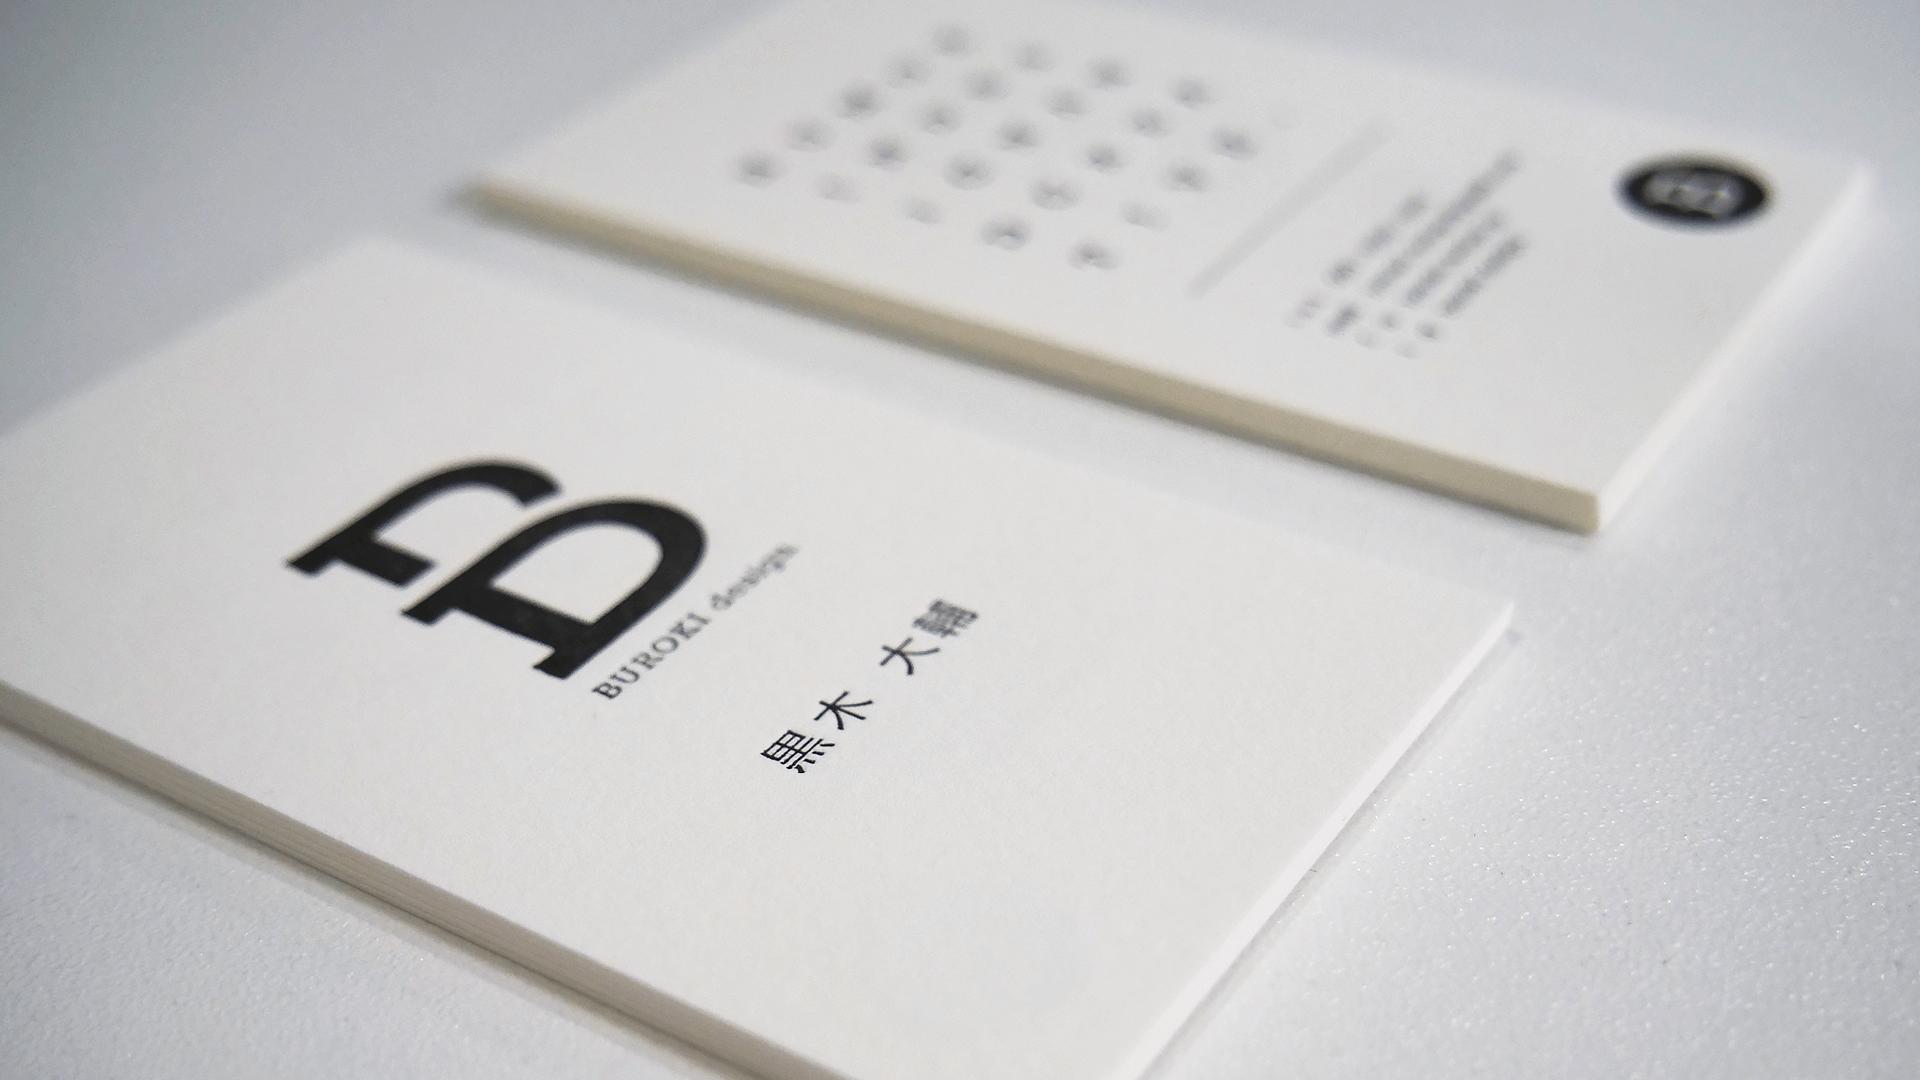 タイポグラフィを載せてシンプルな名刺デザインに。活版印刷で制作したBUROKIの名刺